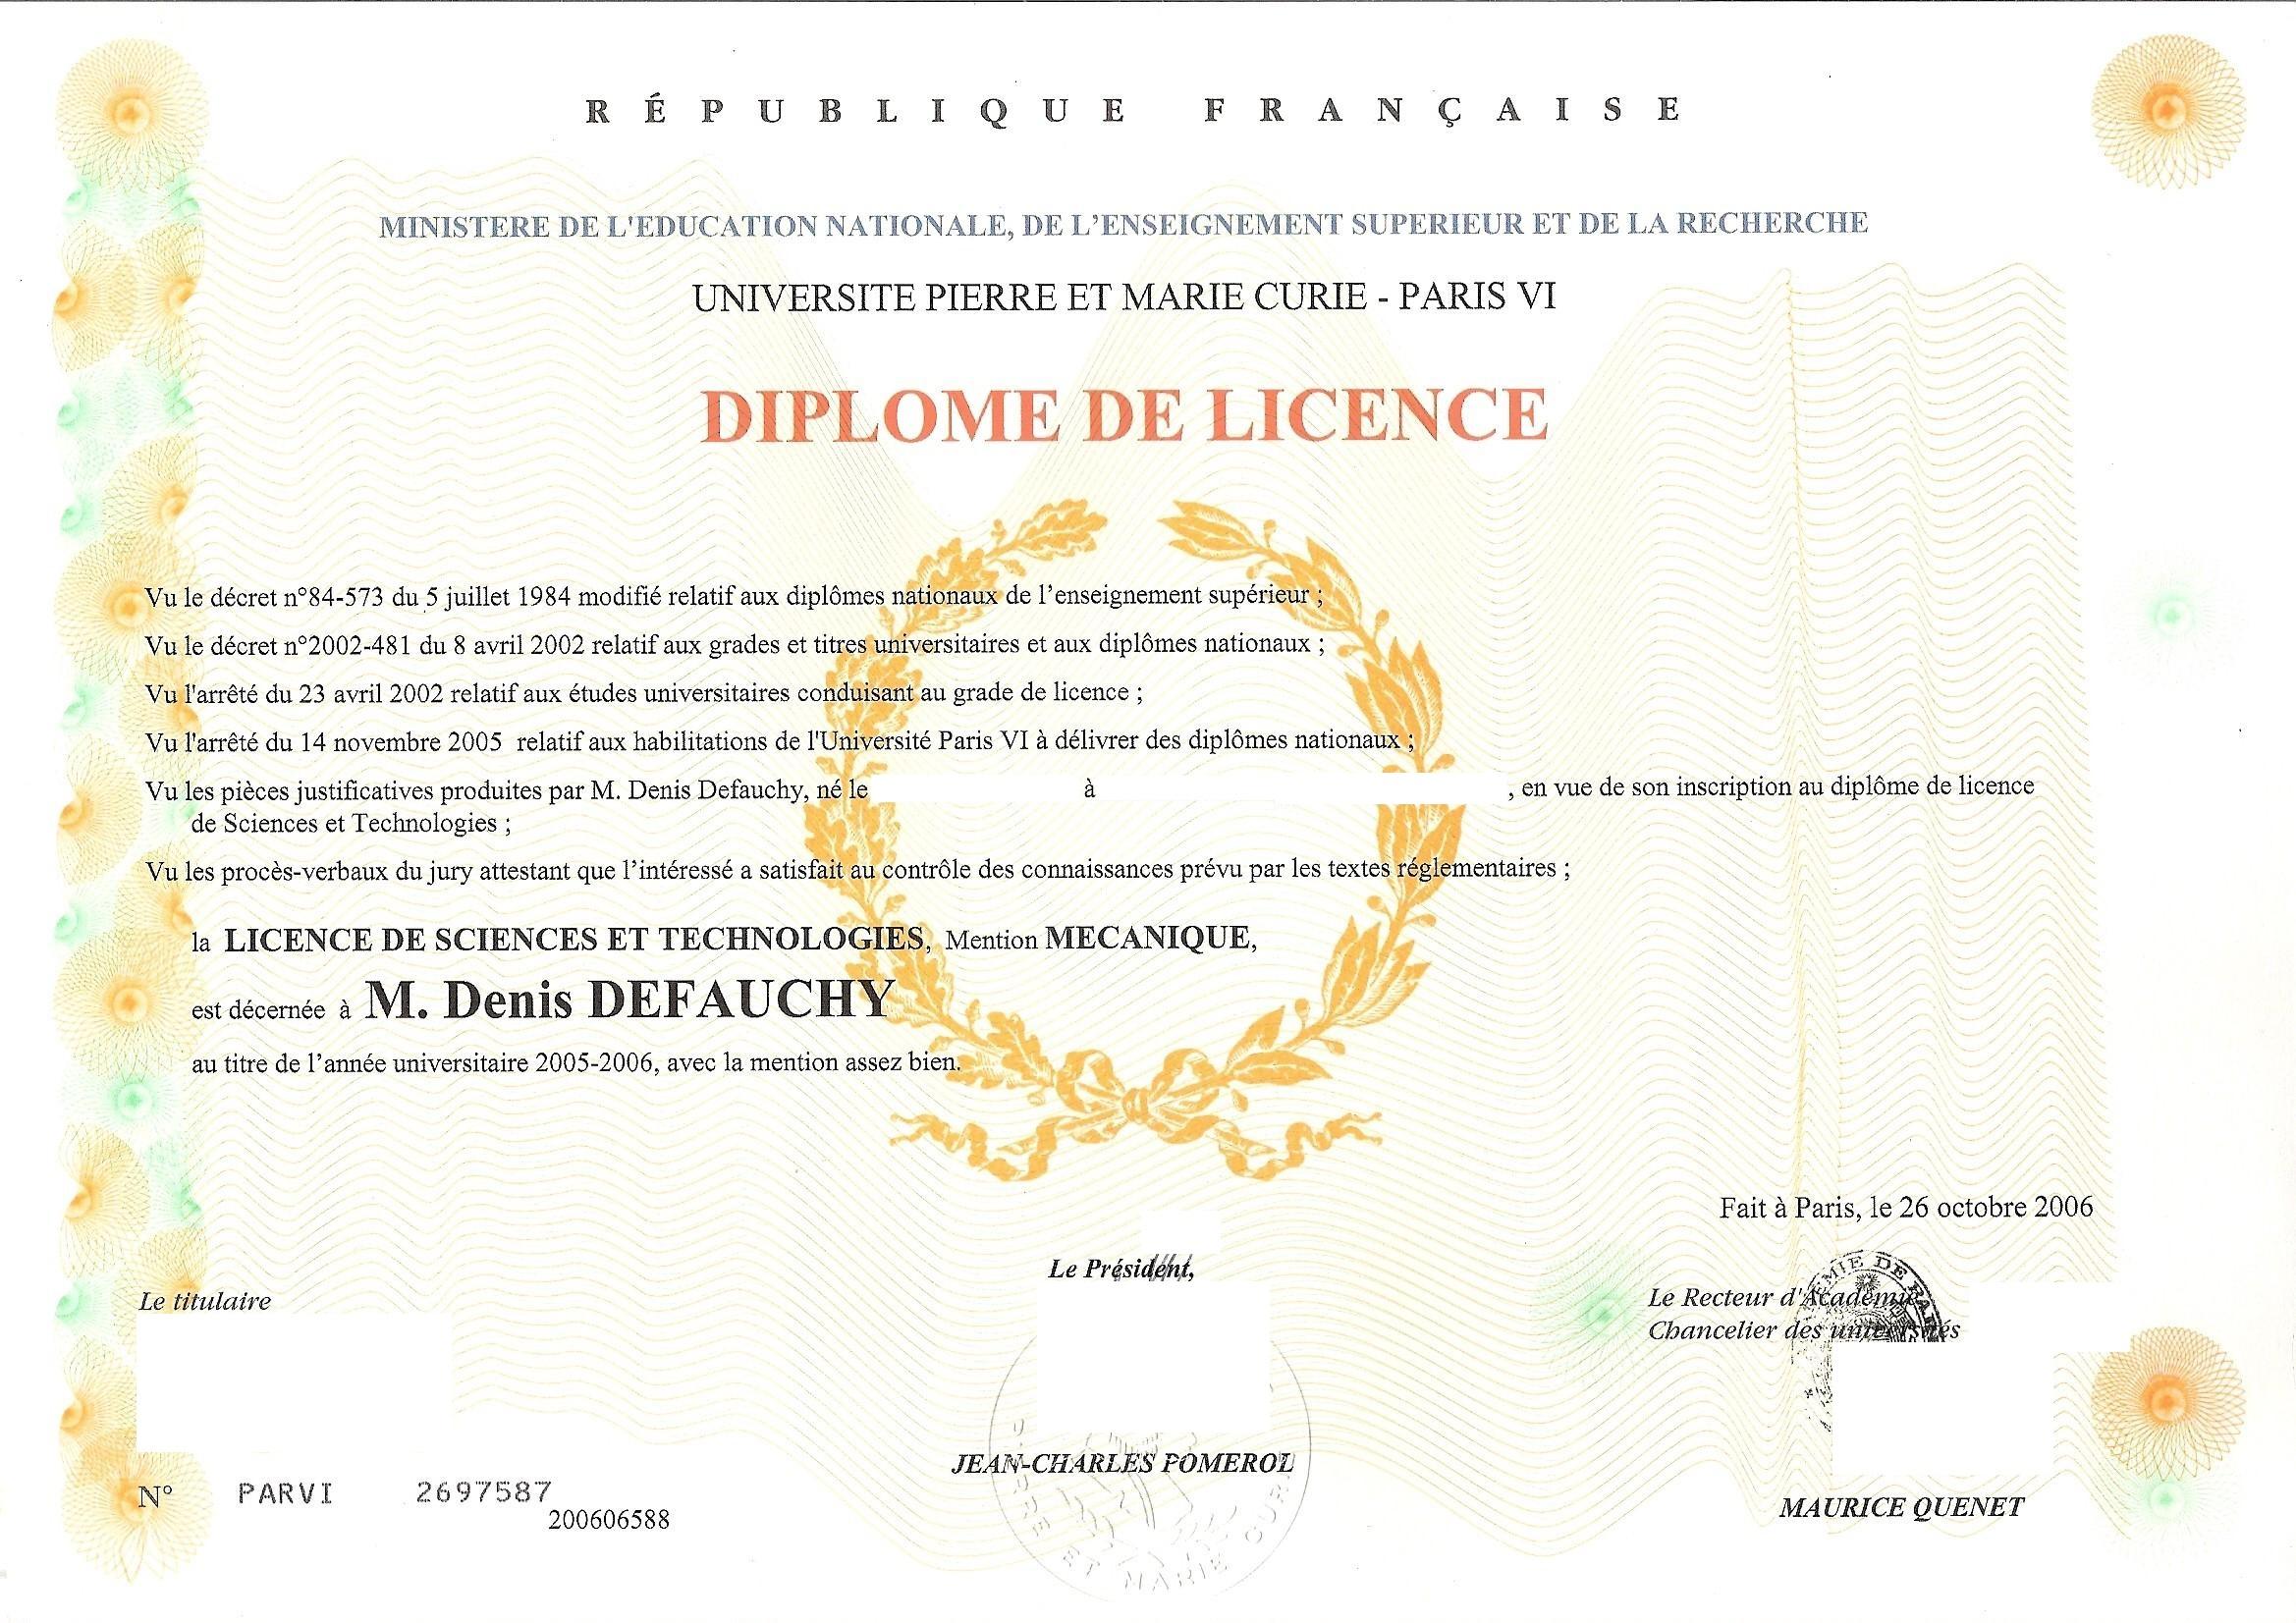 Diplôme de Licence de Denis DEFAUCHY